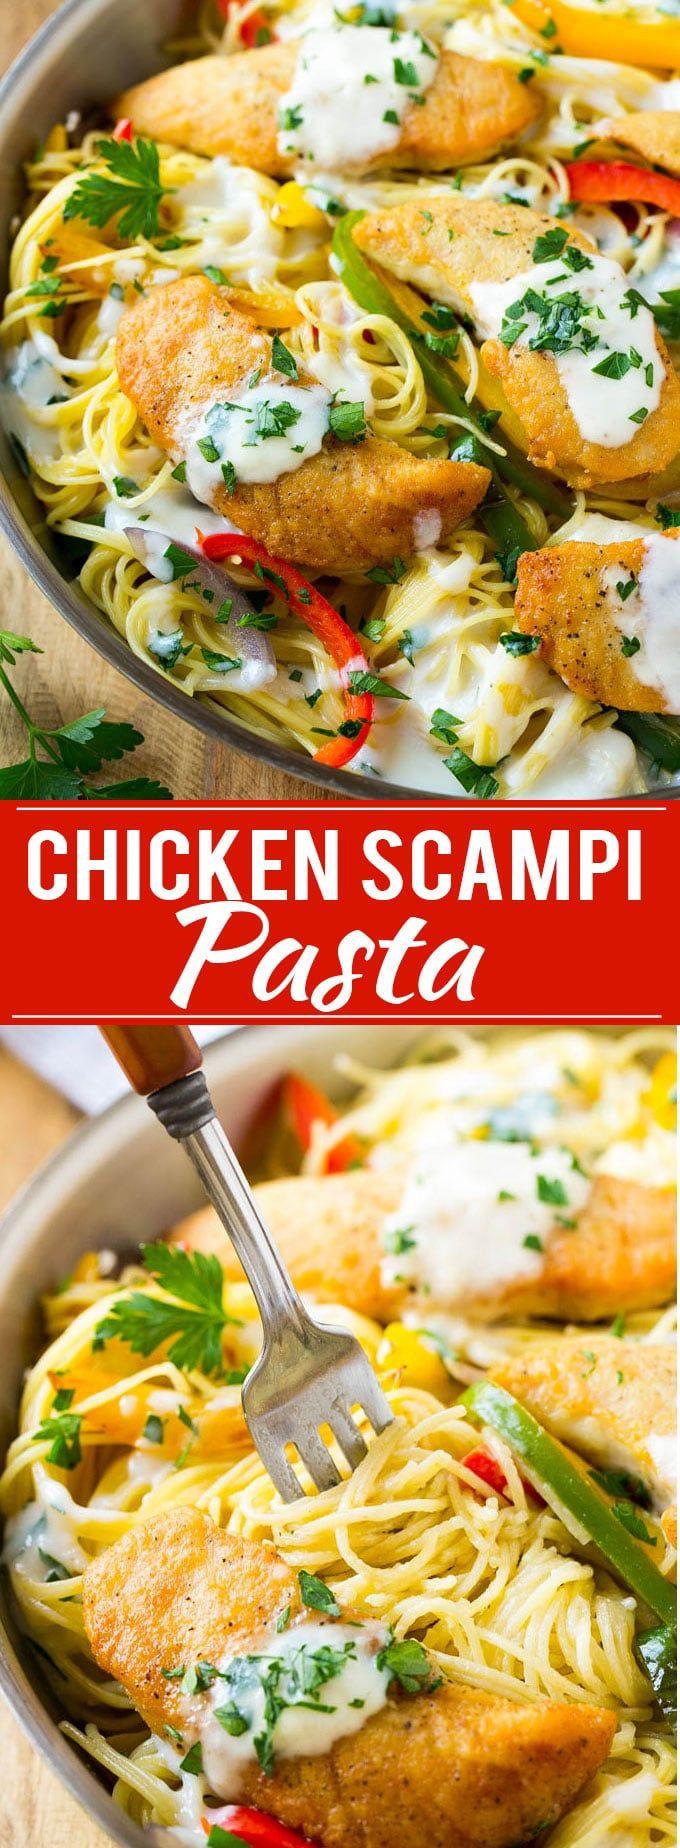 Chicken scampi recipe easy chicken pasta olive garden copycat chicken scampi recipe easy chicken pasta olive garden copycat creamy chicken pasta forumfinder Gallery